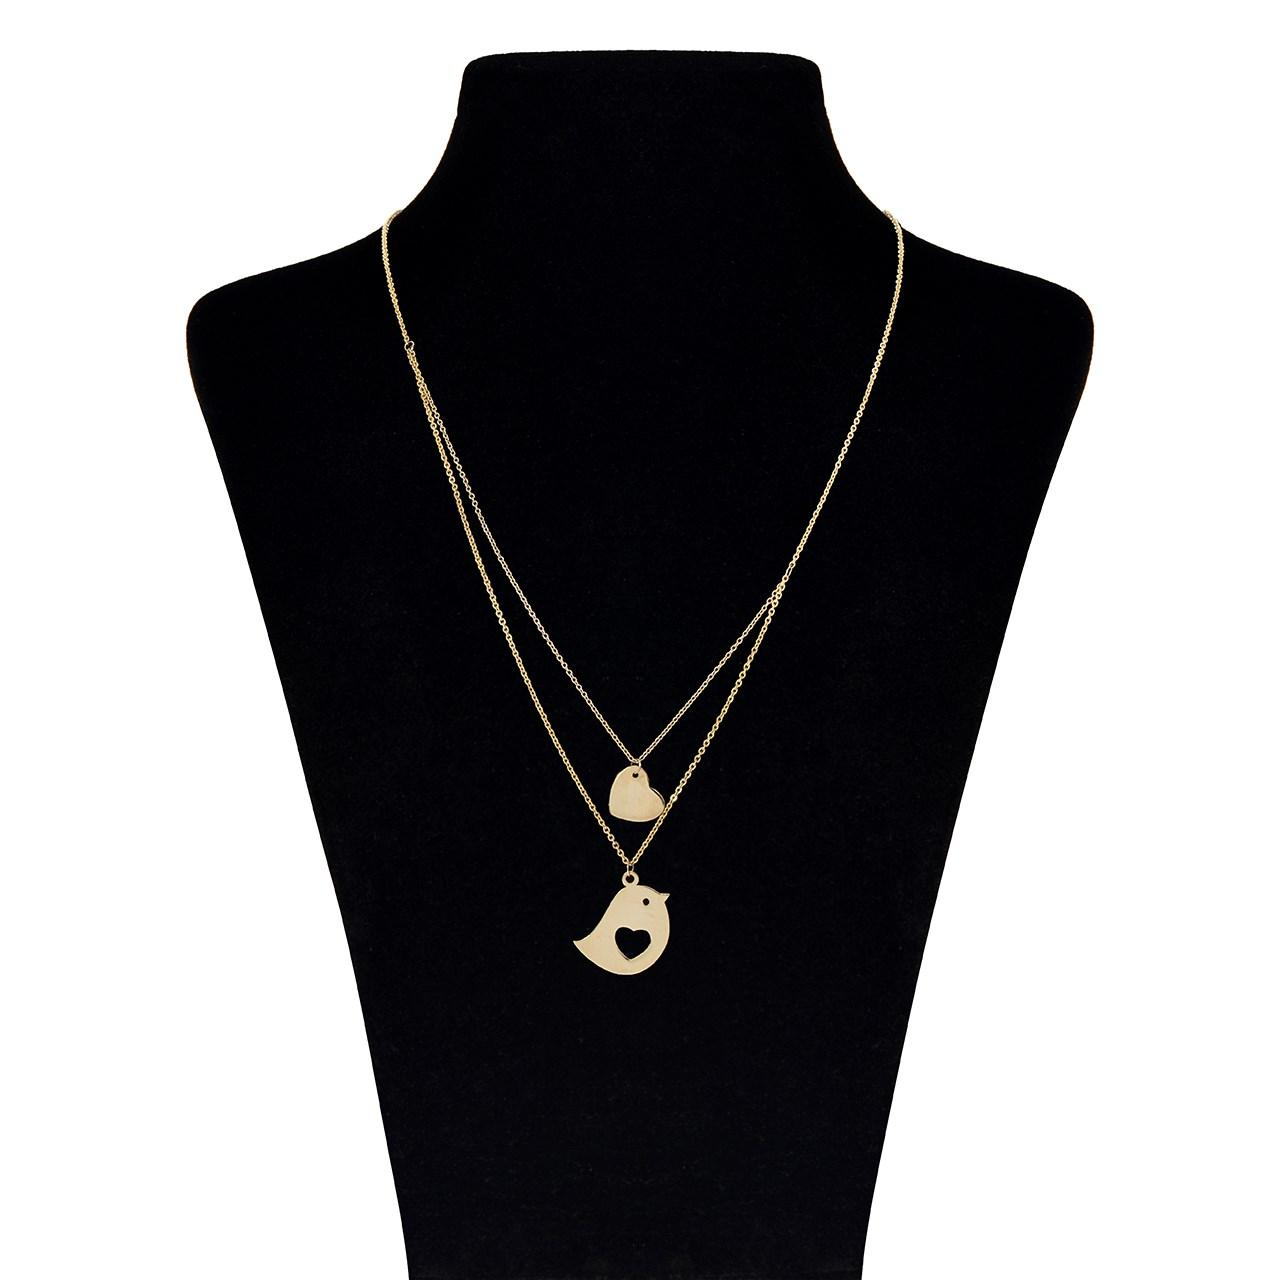 قیمت گردنبند طلا 18 عیار ماهک مدل MM0611 - مایا ماهک